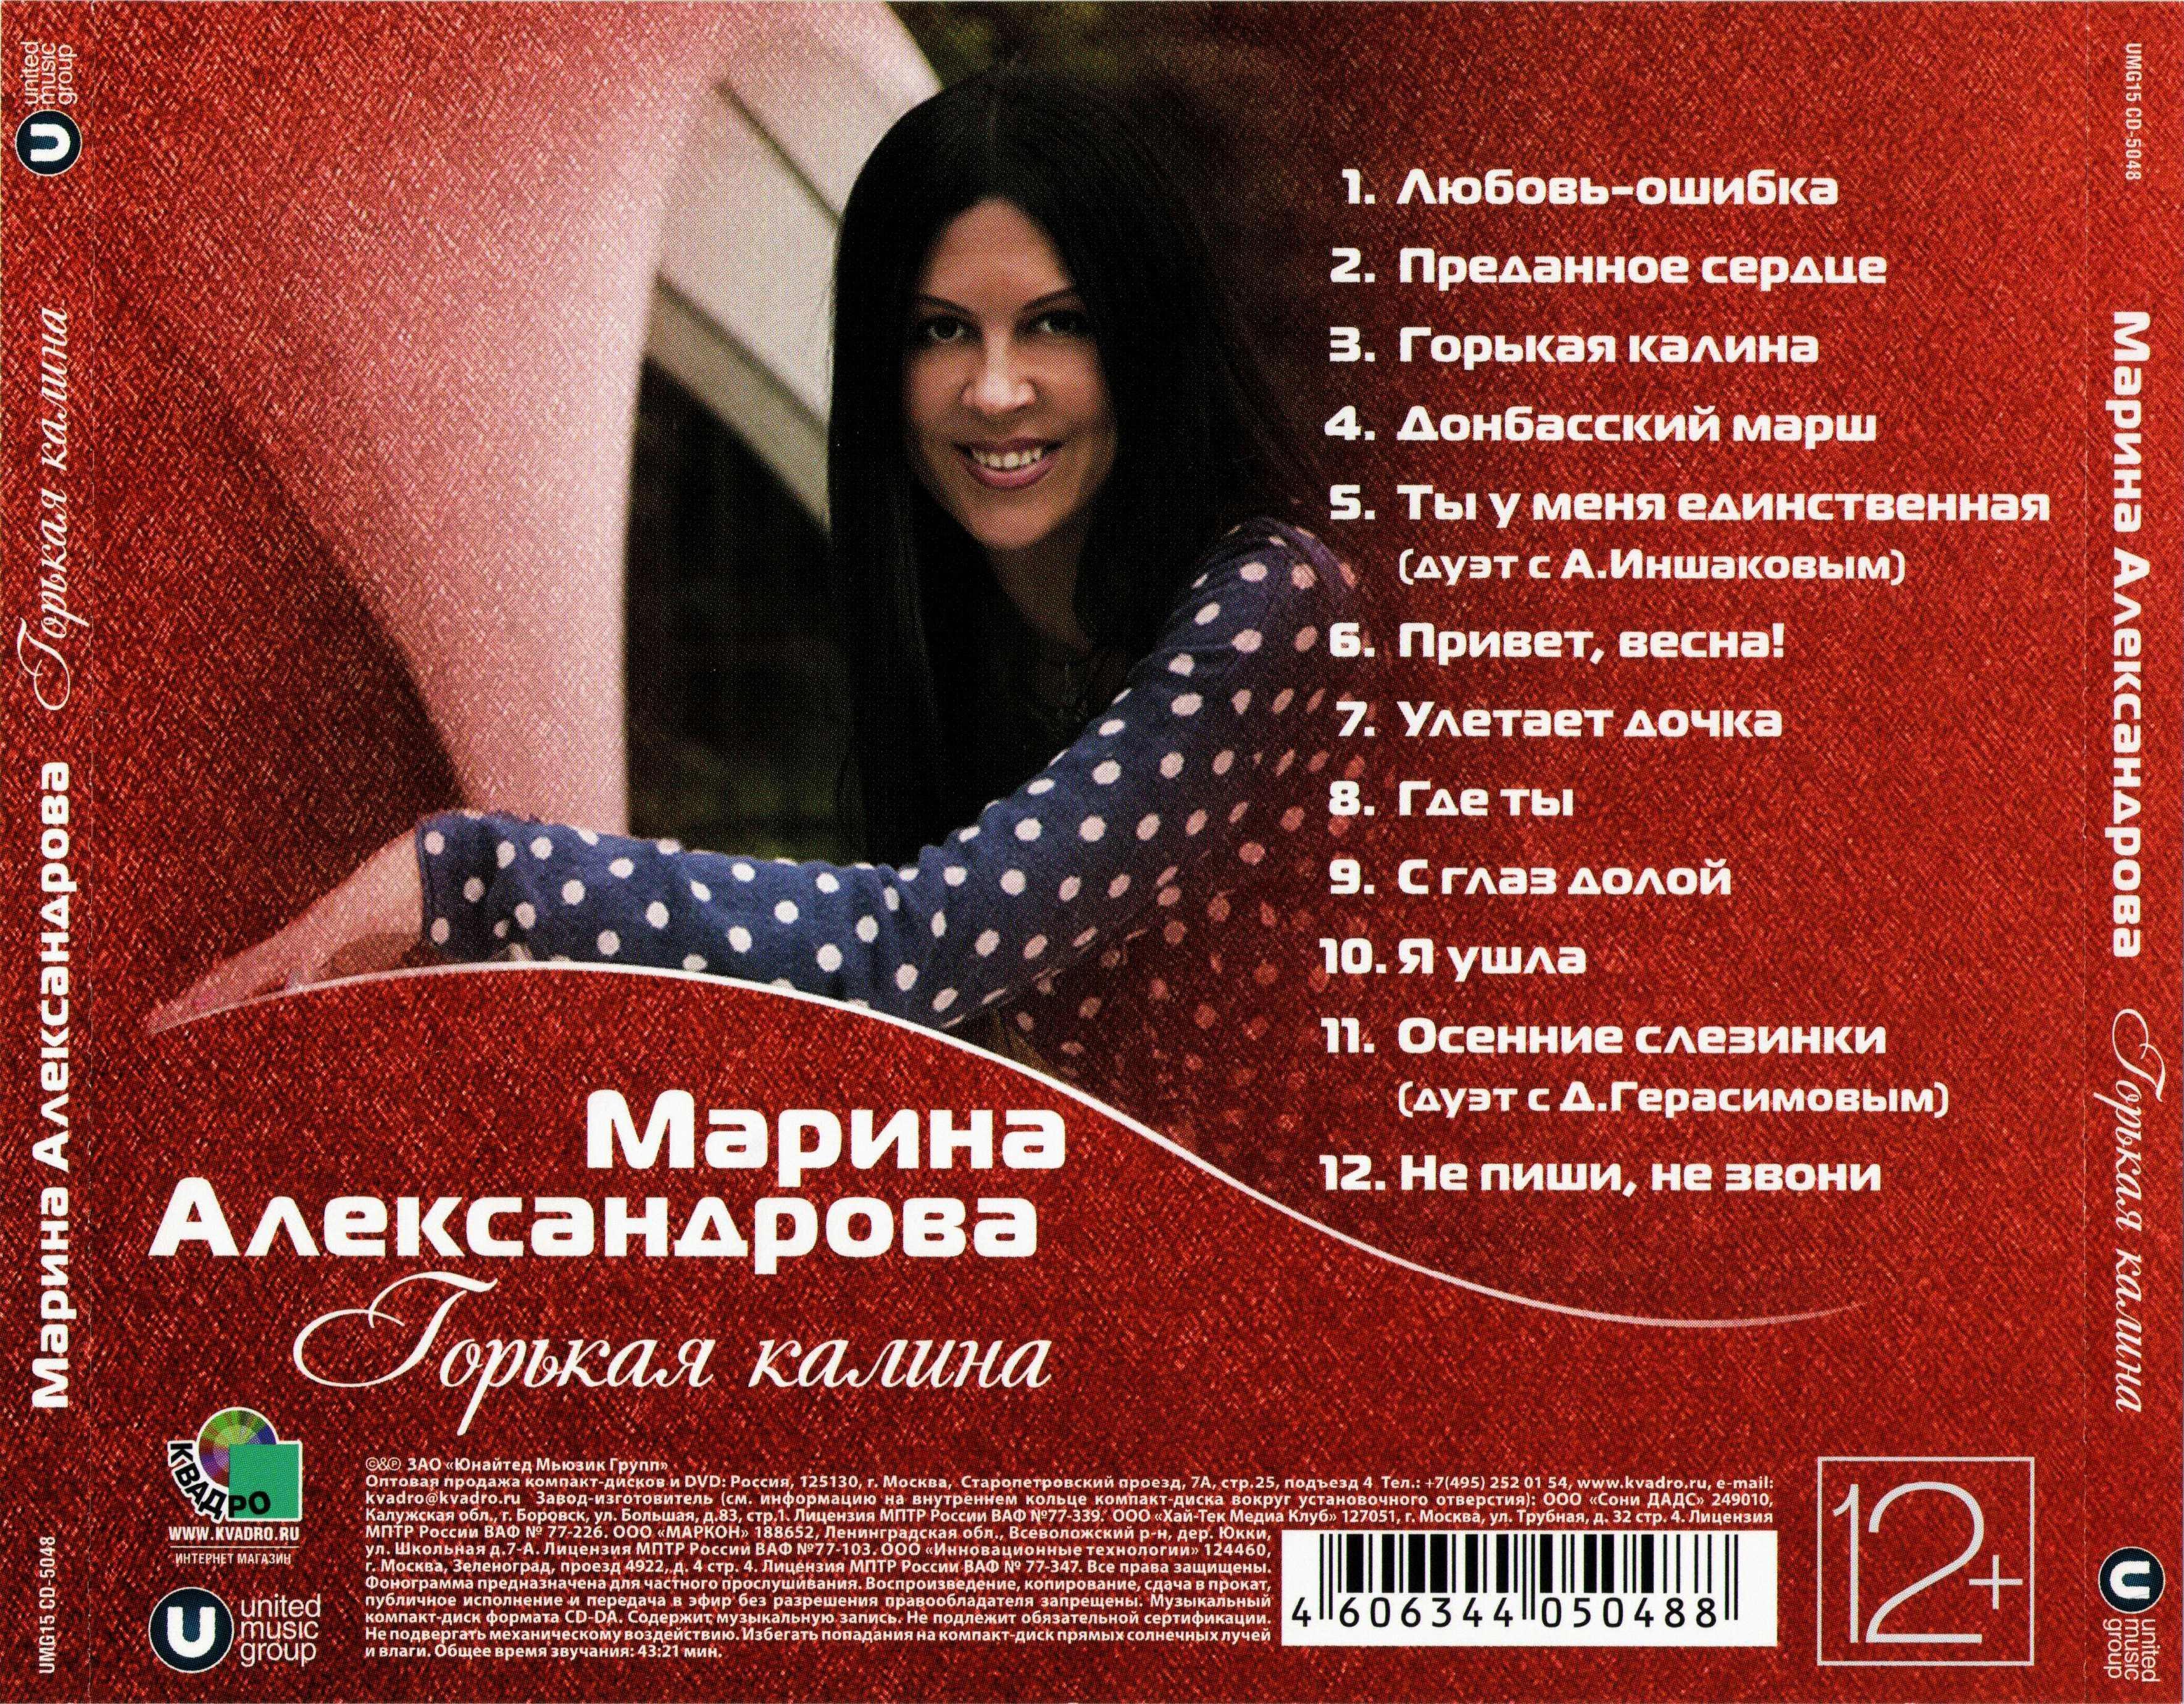 ГОРЬКАЯ КАЛИНА ПЕСНЯ МАРИНА АЛЕКСАНДРОВА СКАЧАТЬ БЕСПЛАТНО